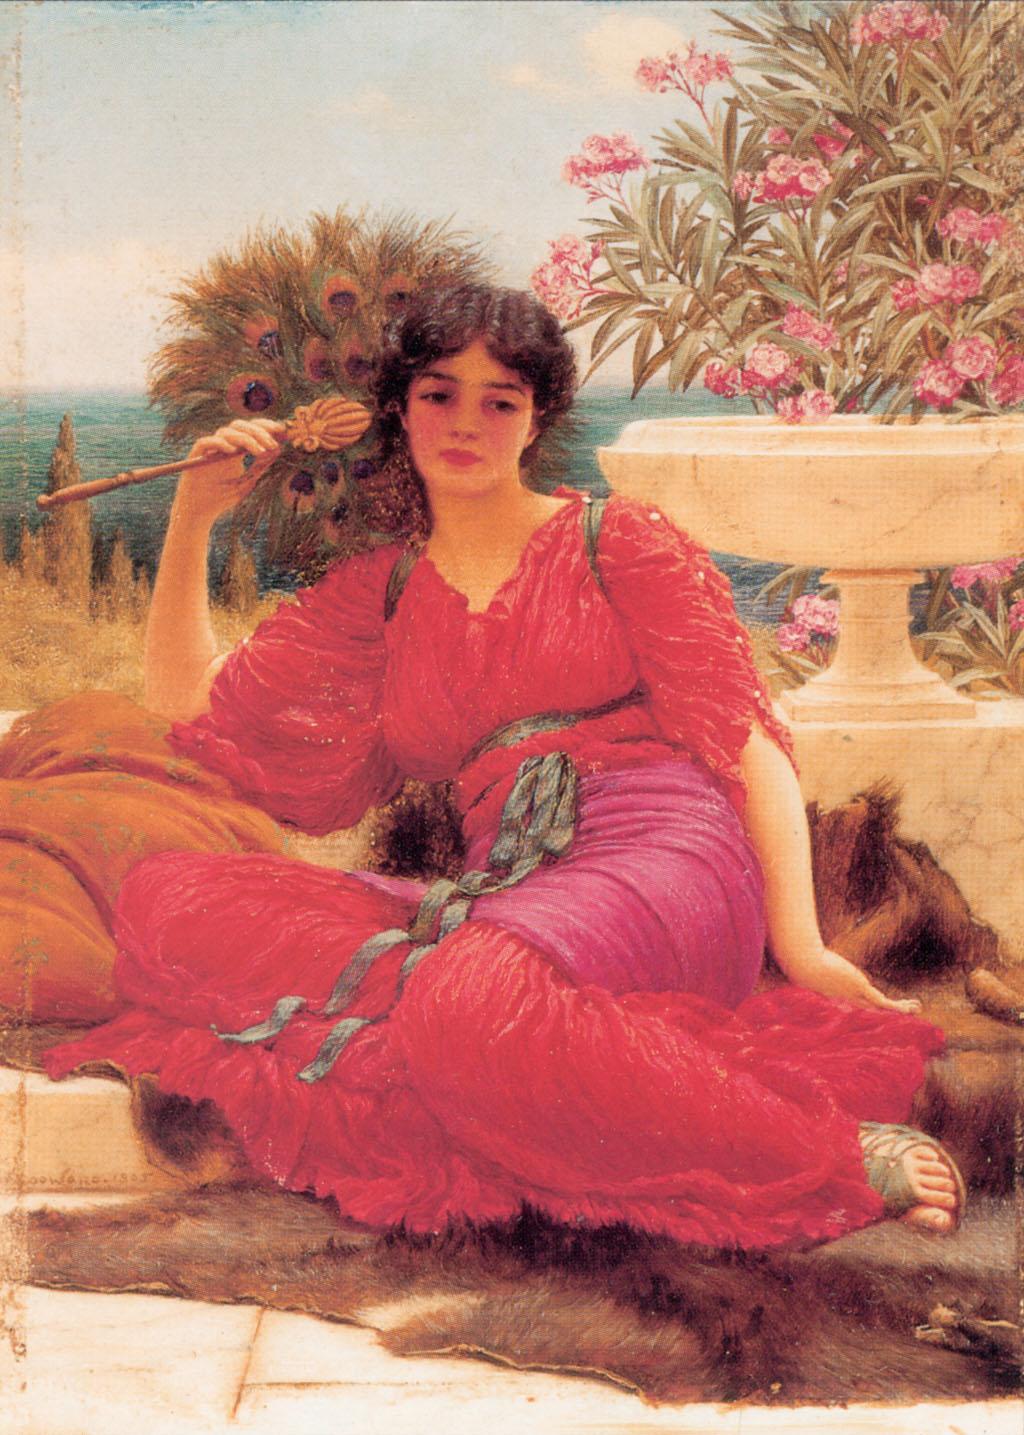 1905_Флабеллифера (рабыня с опахалом) (частная коллекция) (эскиз)